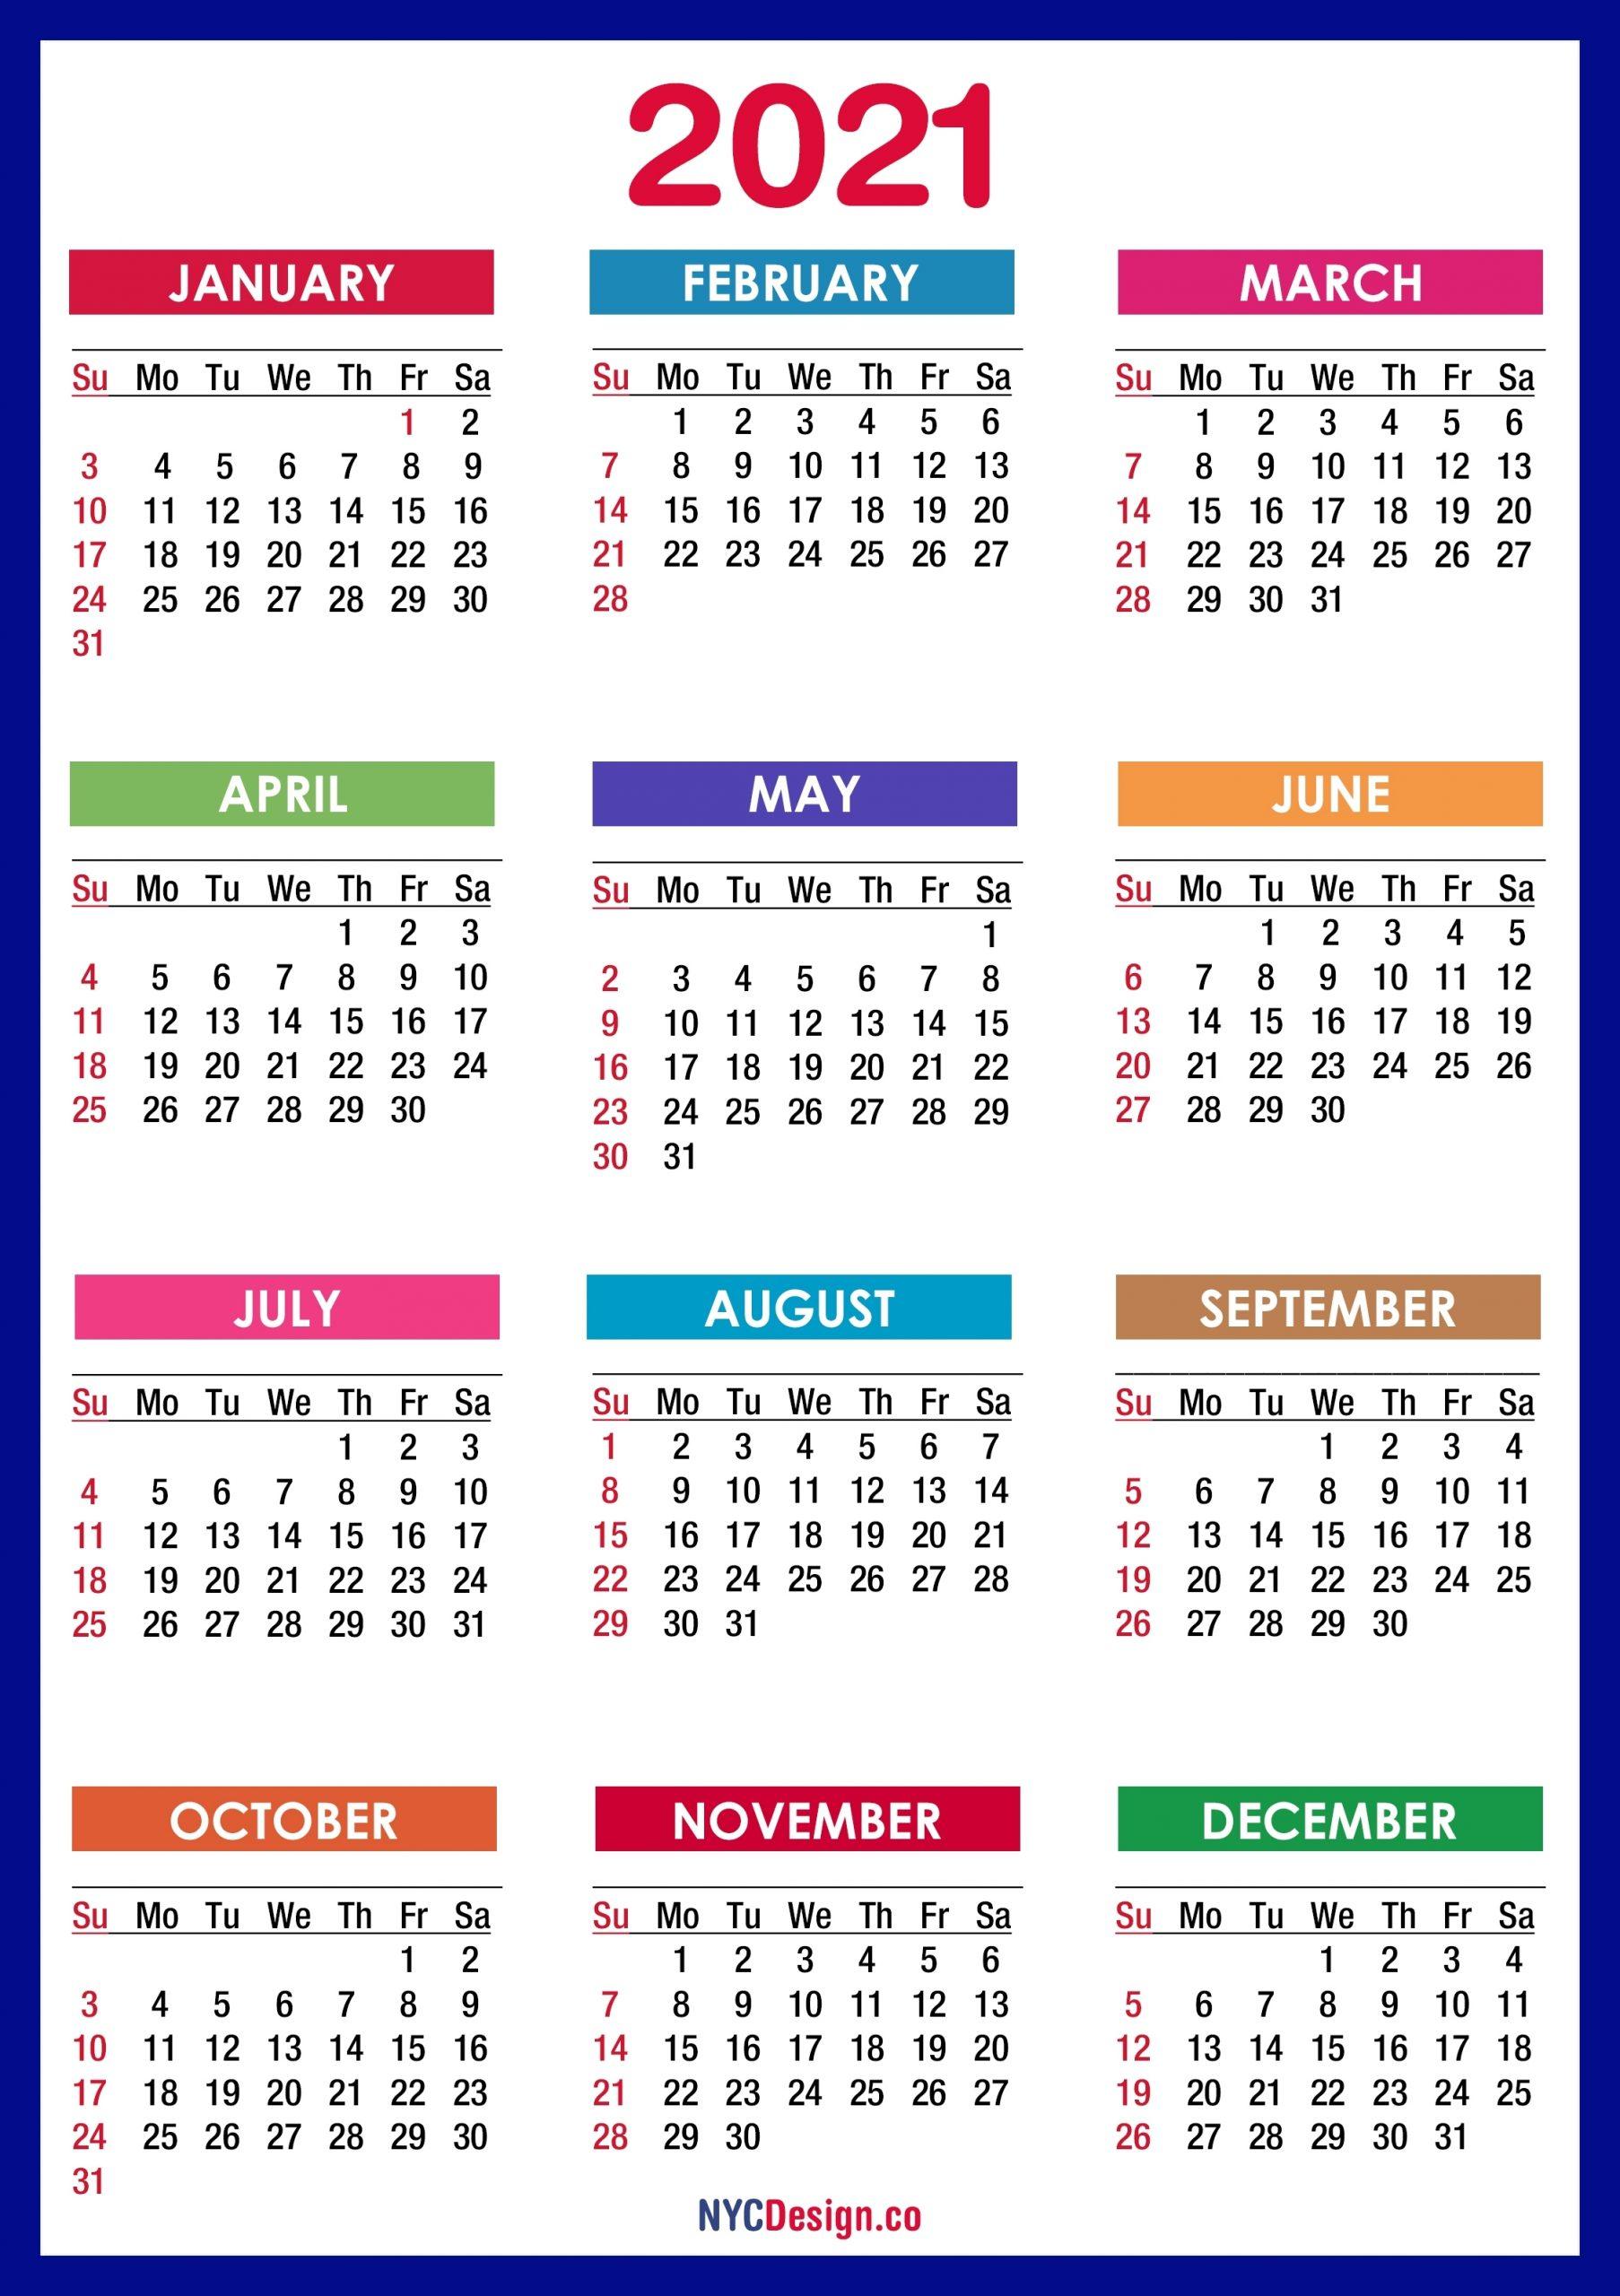 Printable Calendar Monday Through Sunday 2021 | Printable with Calendar 2021 Monday Through Sunday